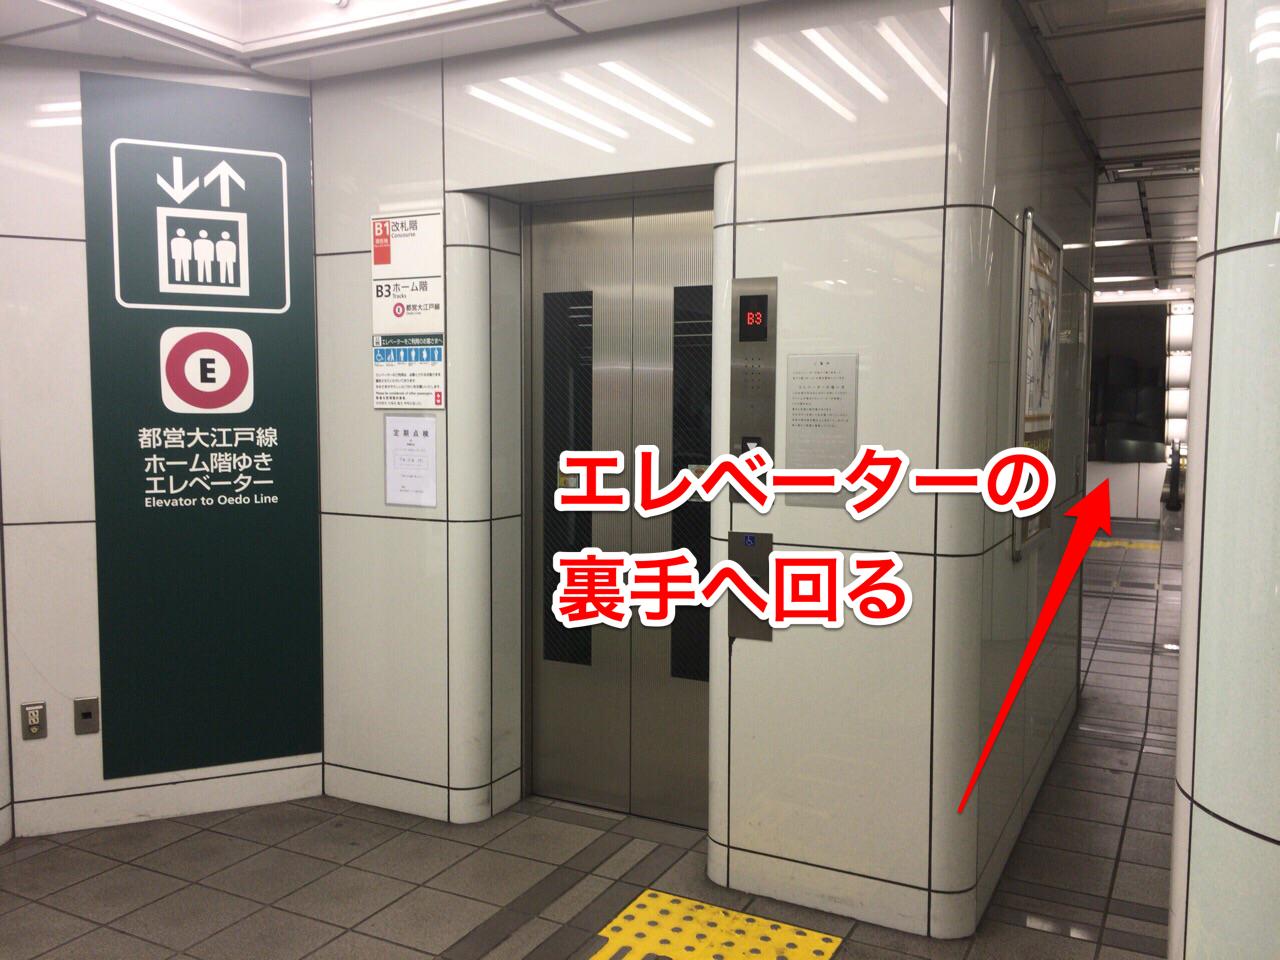 練馬駅のエレベーター